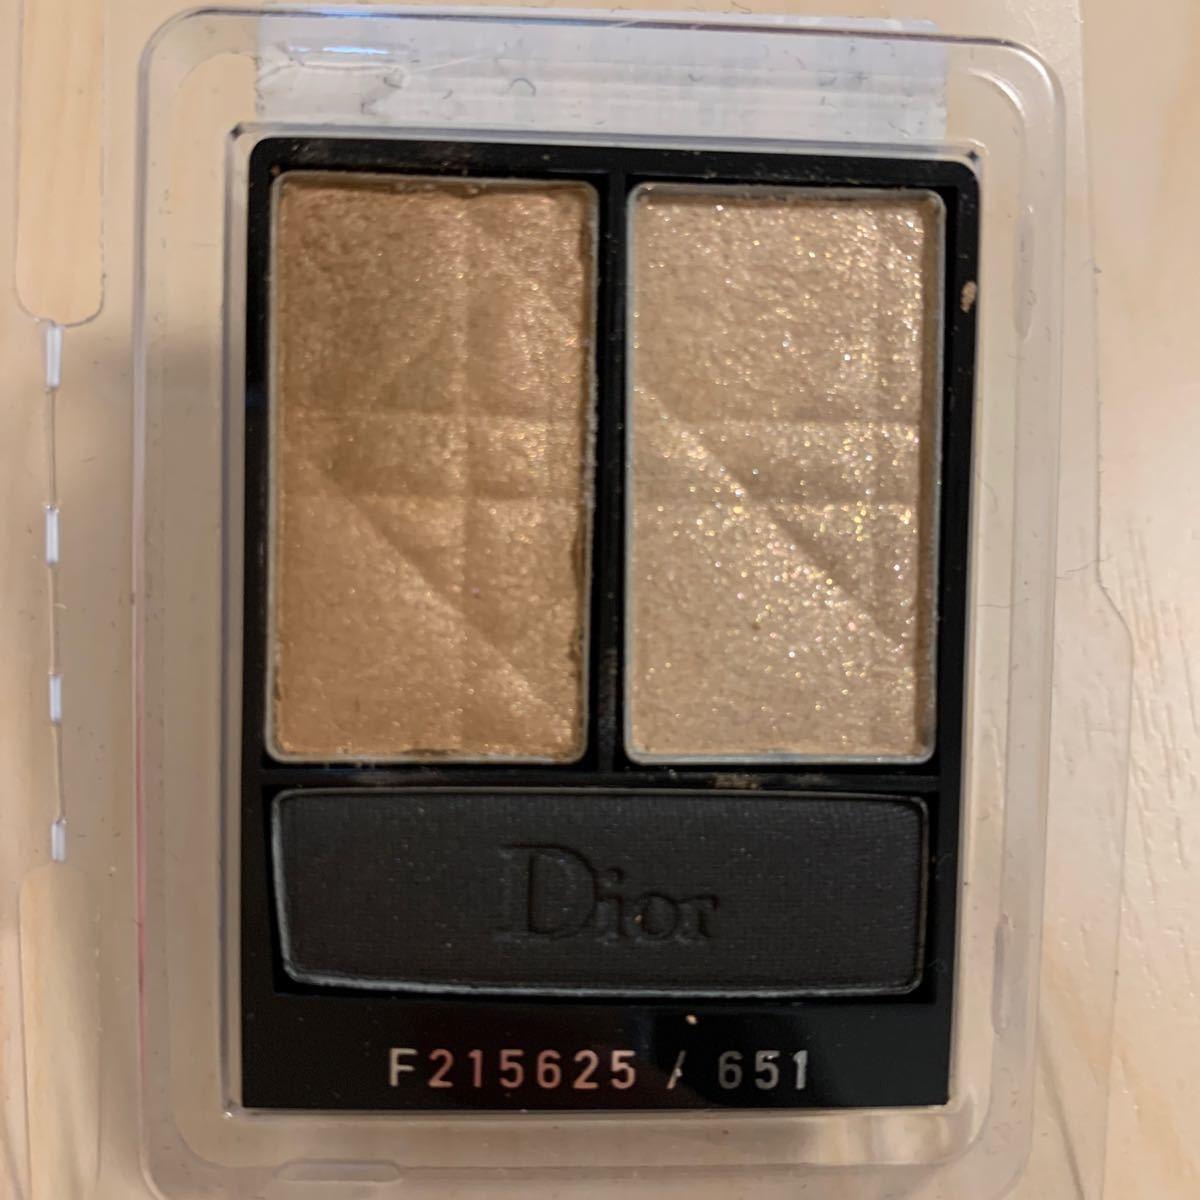 Dior ディオール トワ クルール アイシャドウ 651 ベージュ系